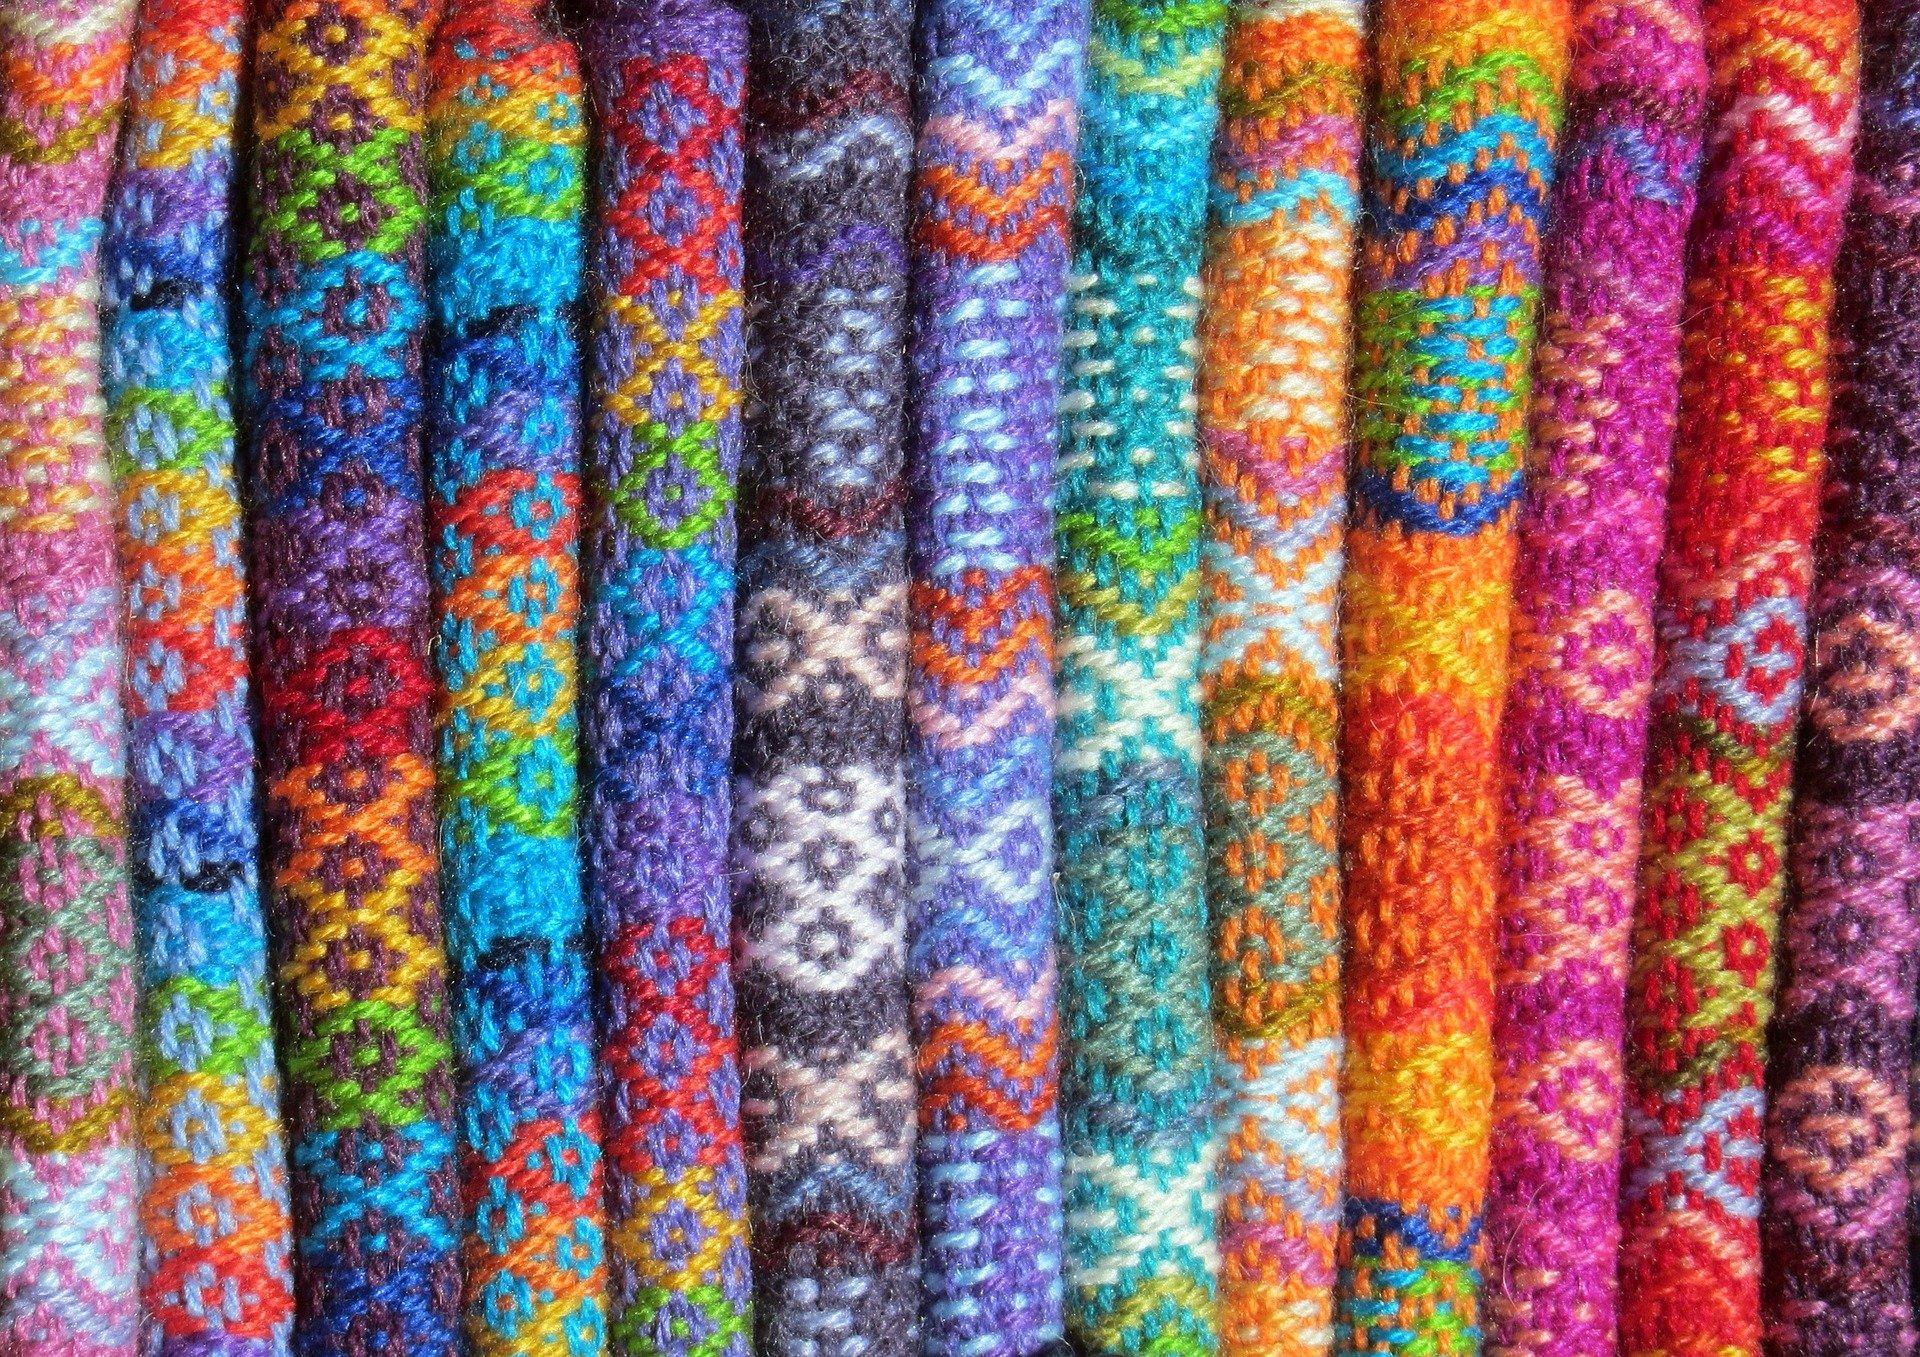 Spinning a Yarn about Hidden Mathematics